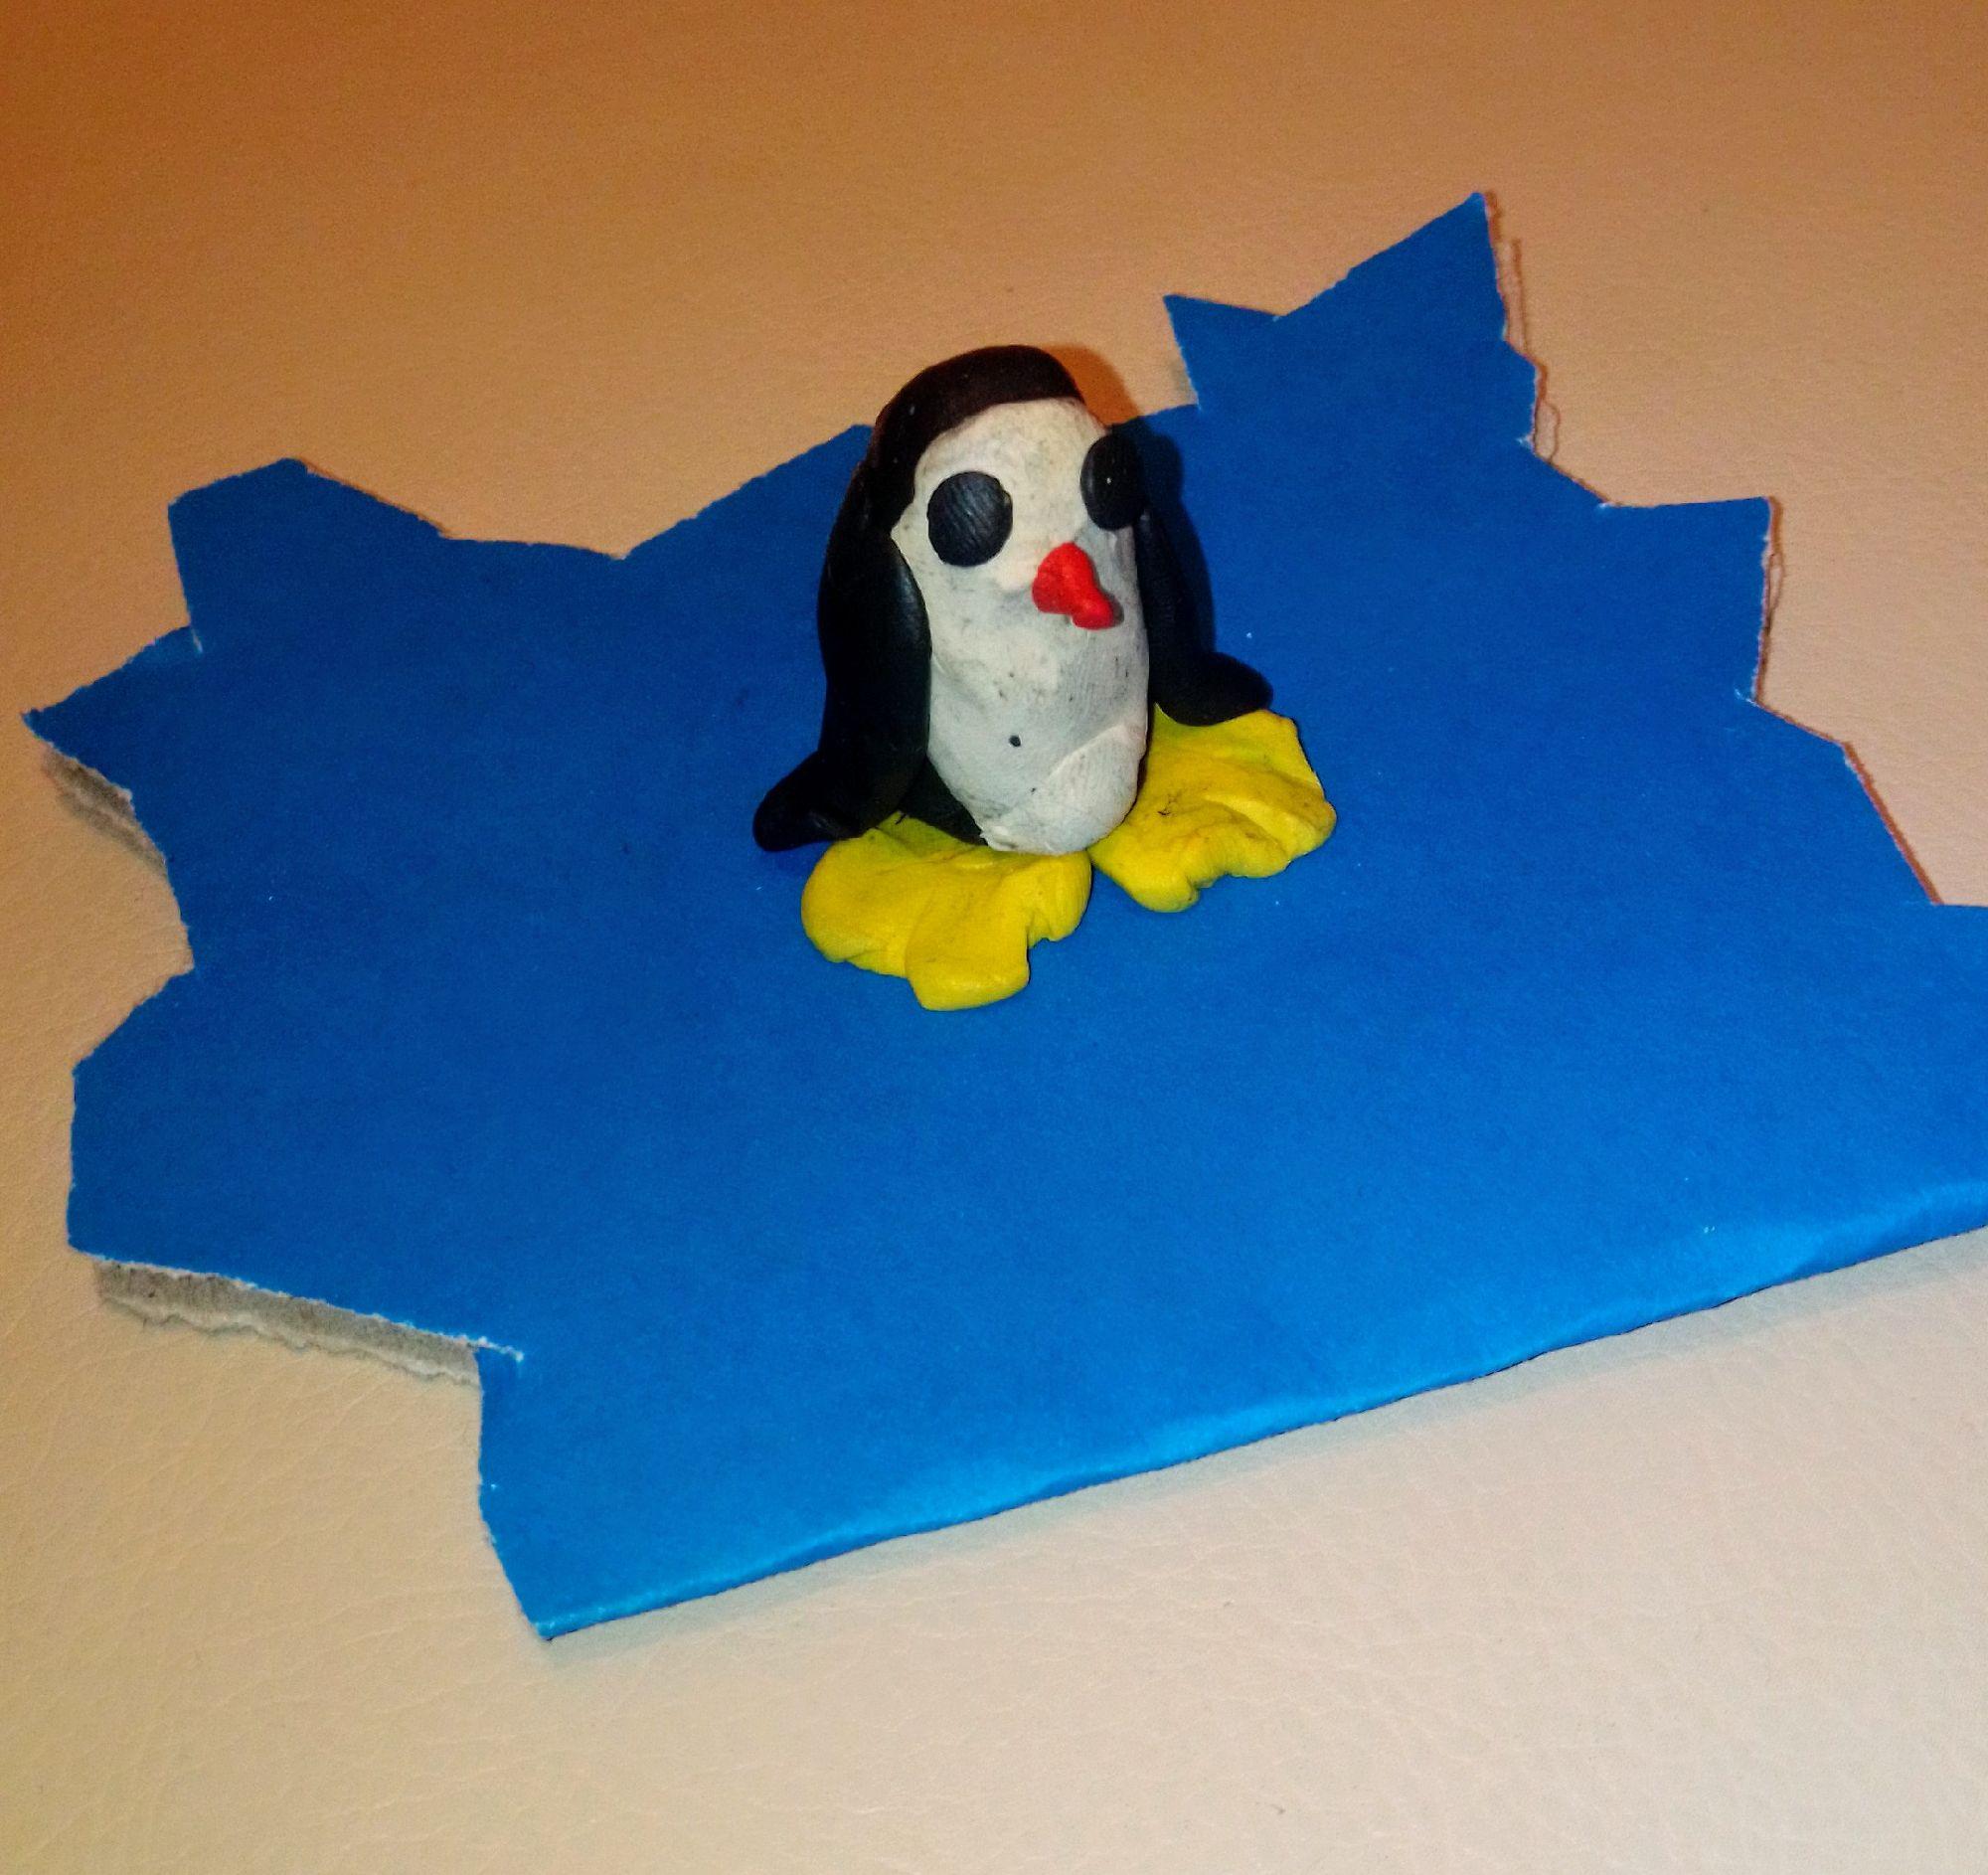 Саша слепил из обычного пластилина. Пингвин далек от идеала, но он здесь хотя бы угадывается без труда, чего раньше вообще не было.